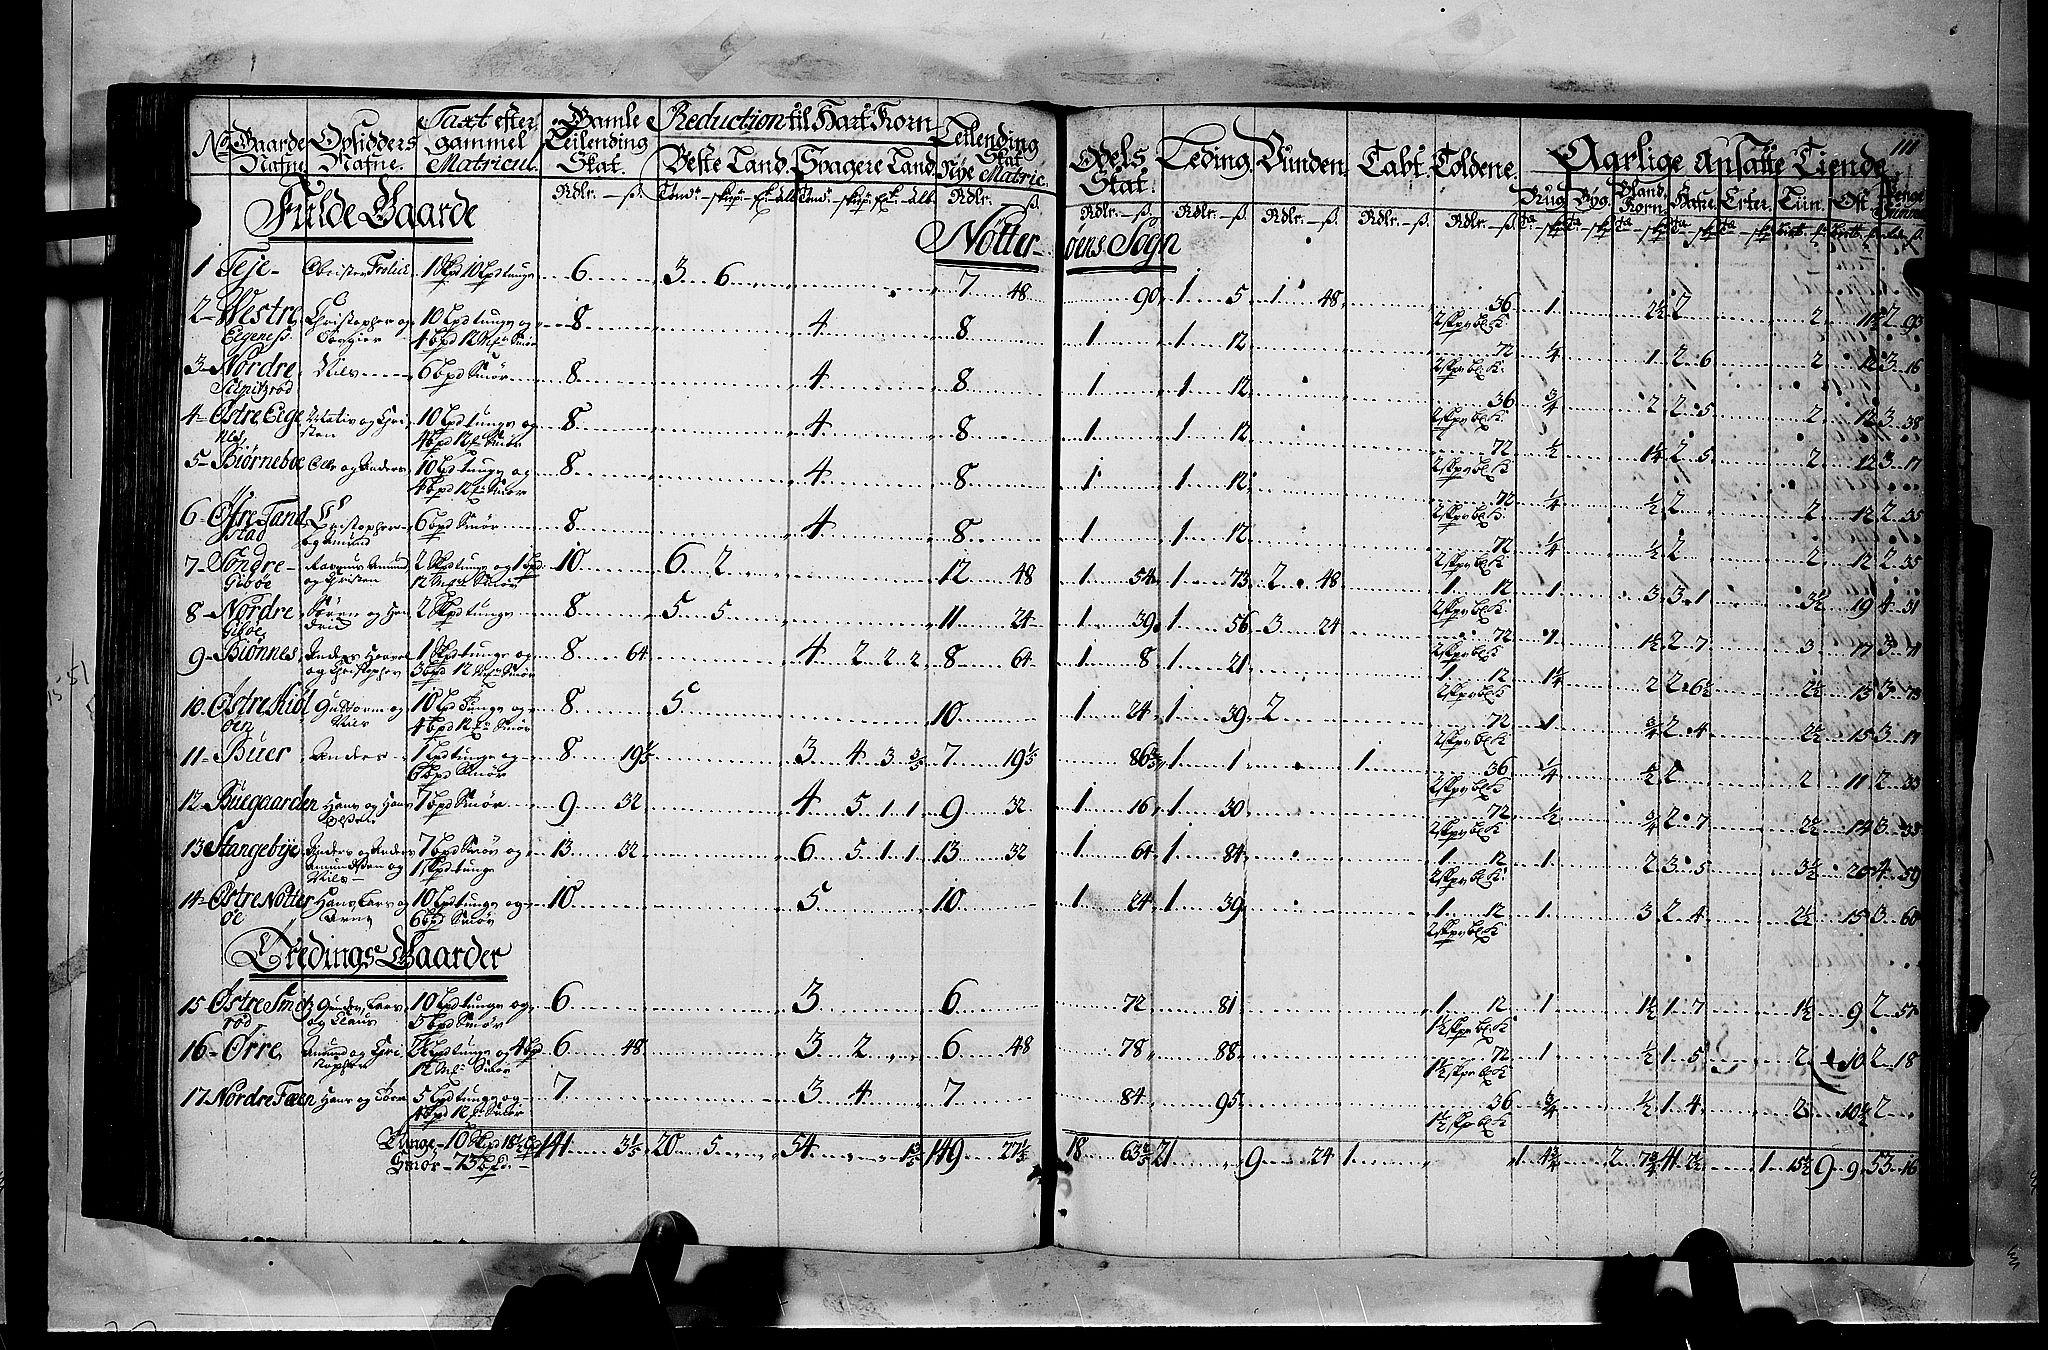 RA, Rentekammeret inntil 1814, Realistisk ordnet avdeling, N/Nb/Nbf/L0116: Jarlsberg grevskap matrikkelprotokoll, 1723, s. 110b-111a